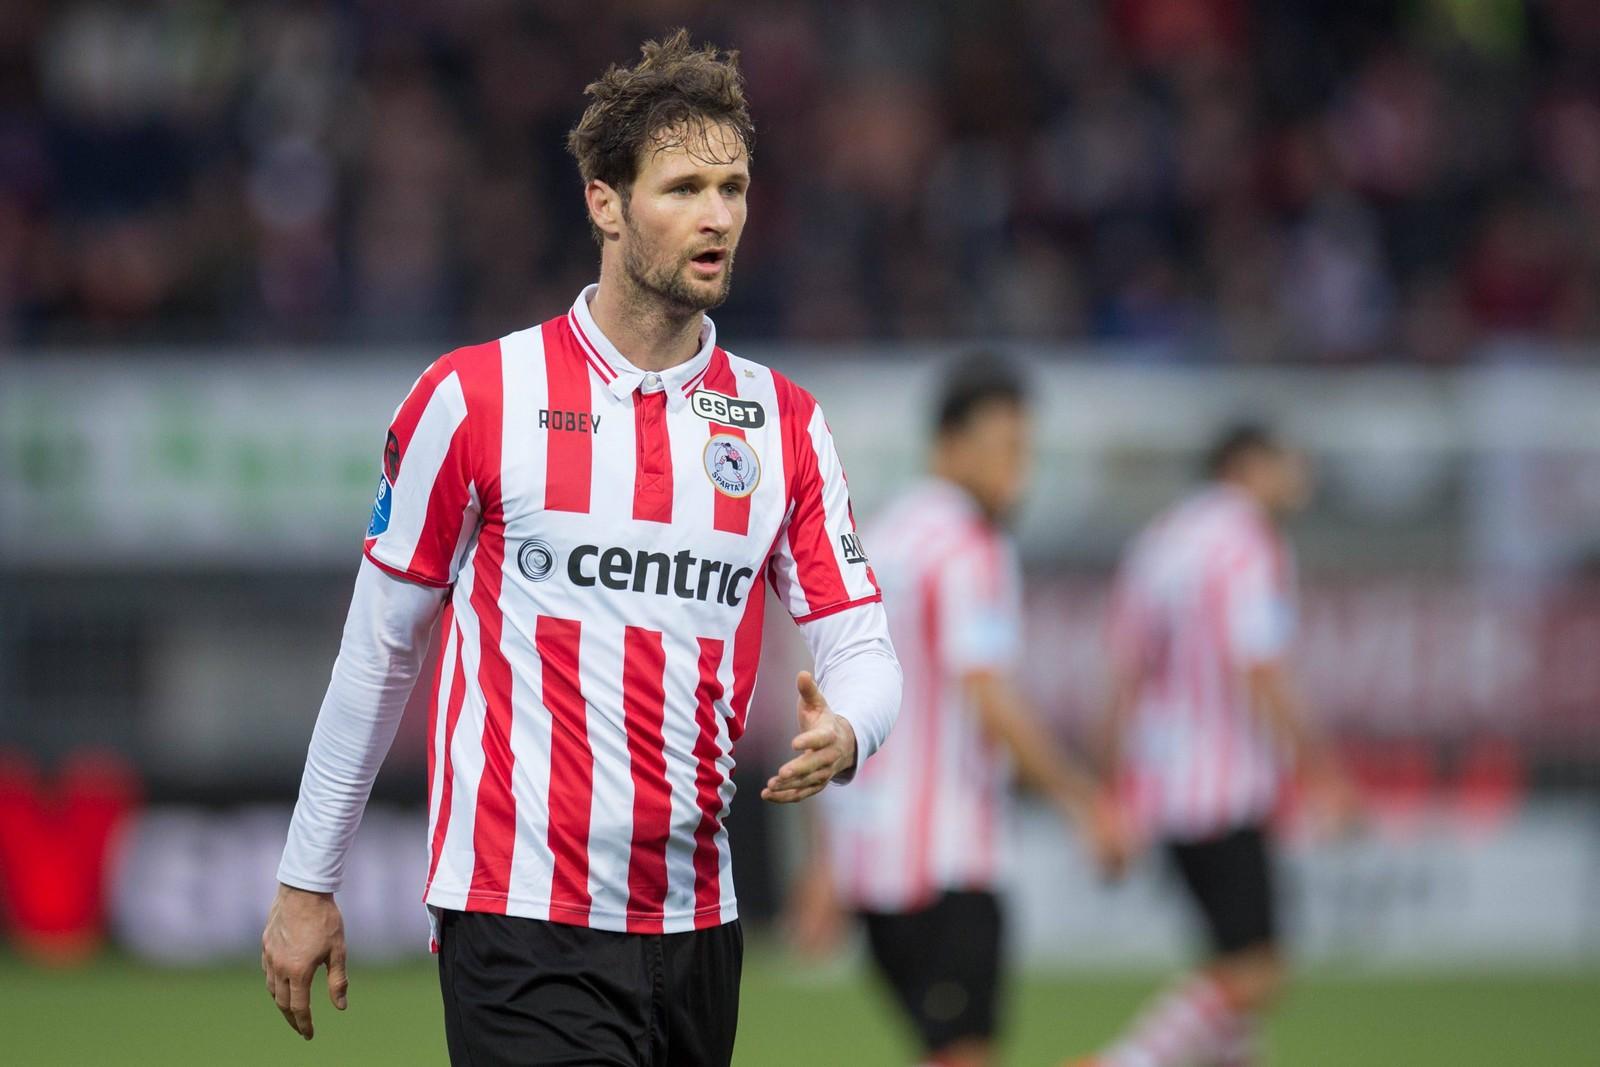 Nick Proschwitz kehrt nach Deutschland zurück und schließt sich dem SV Meppen an.